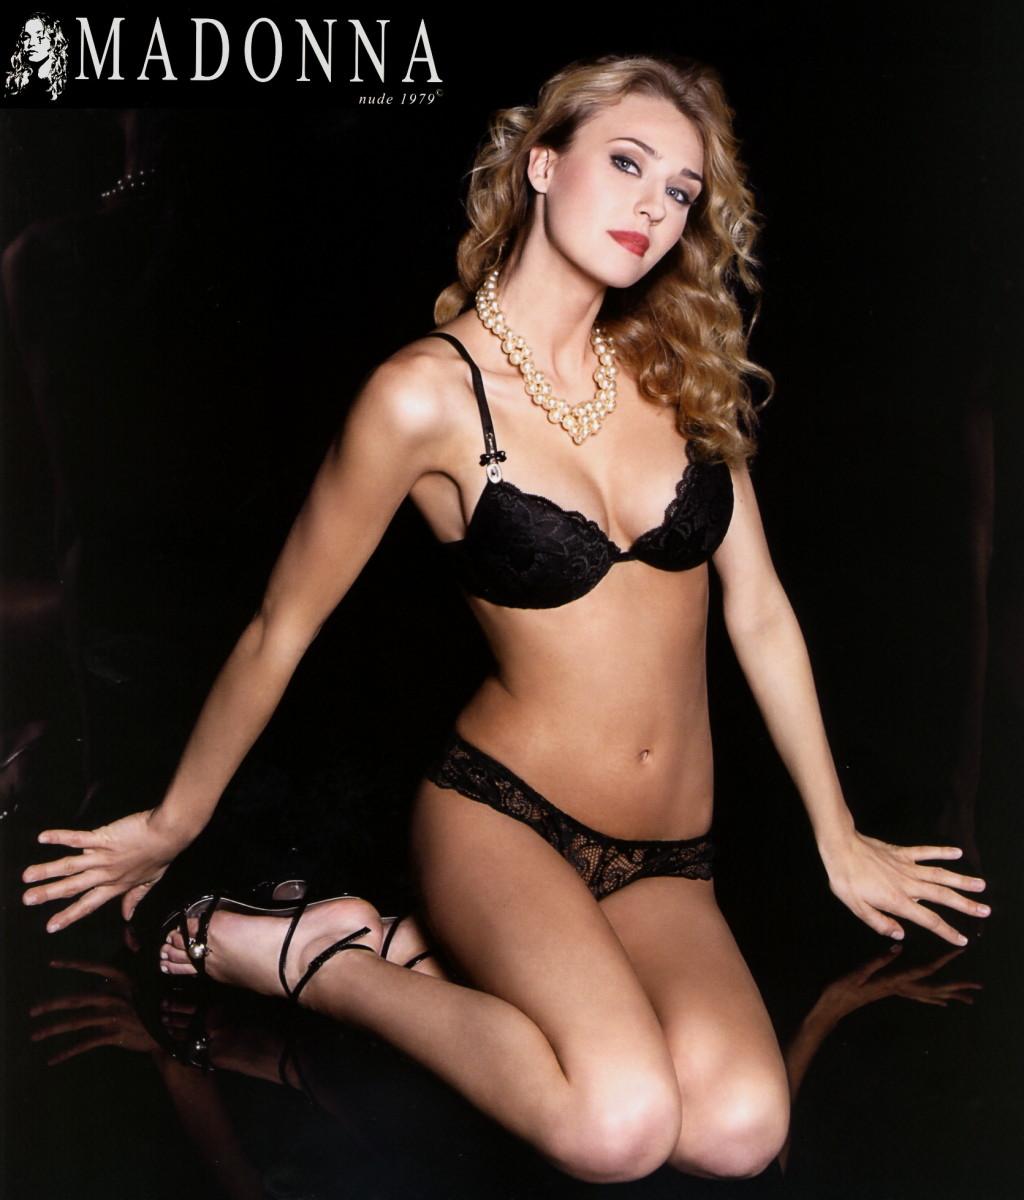 Luxusní gelová push-up podprsenka Madonna MC026B - Madonna (Push-up ... 83c03730e8